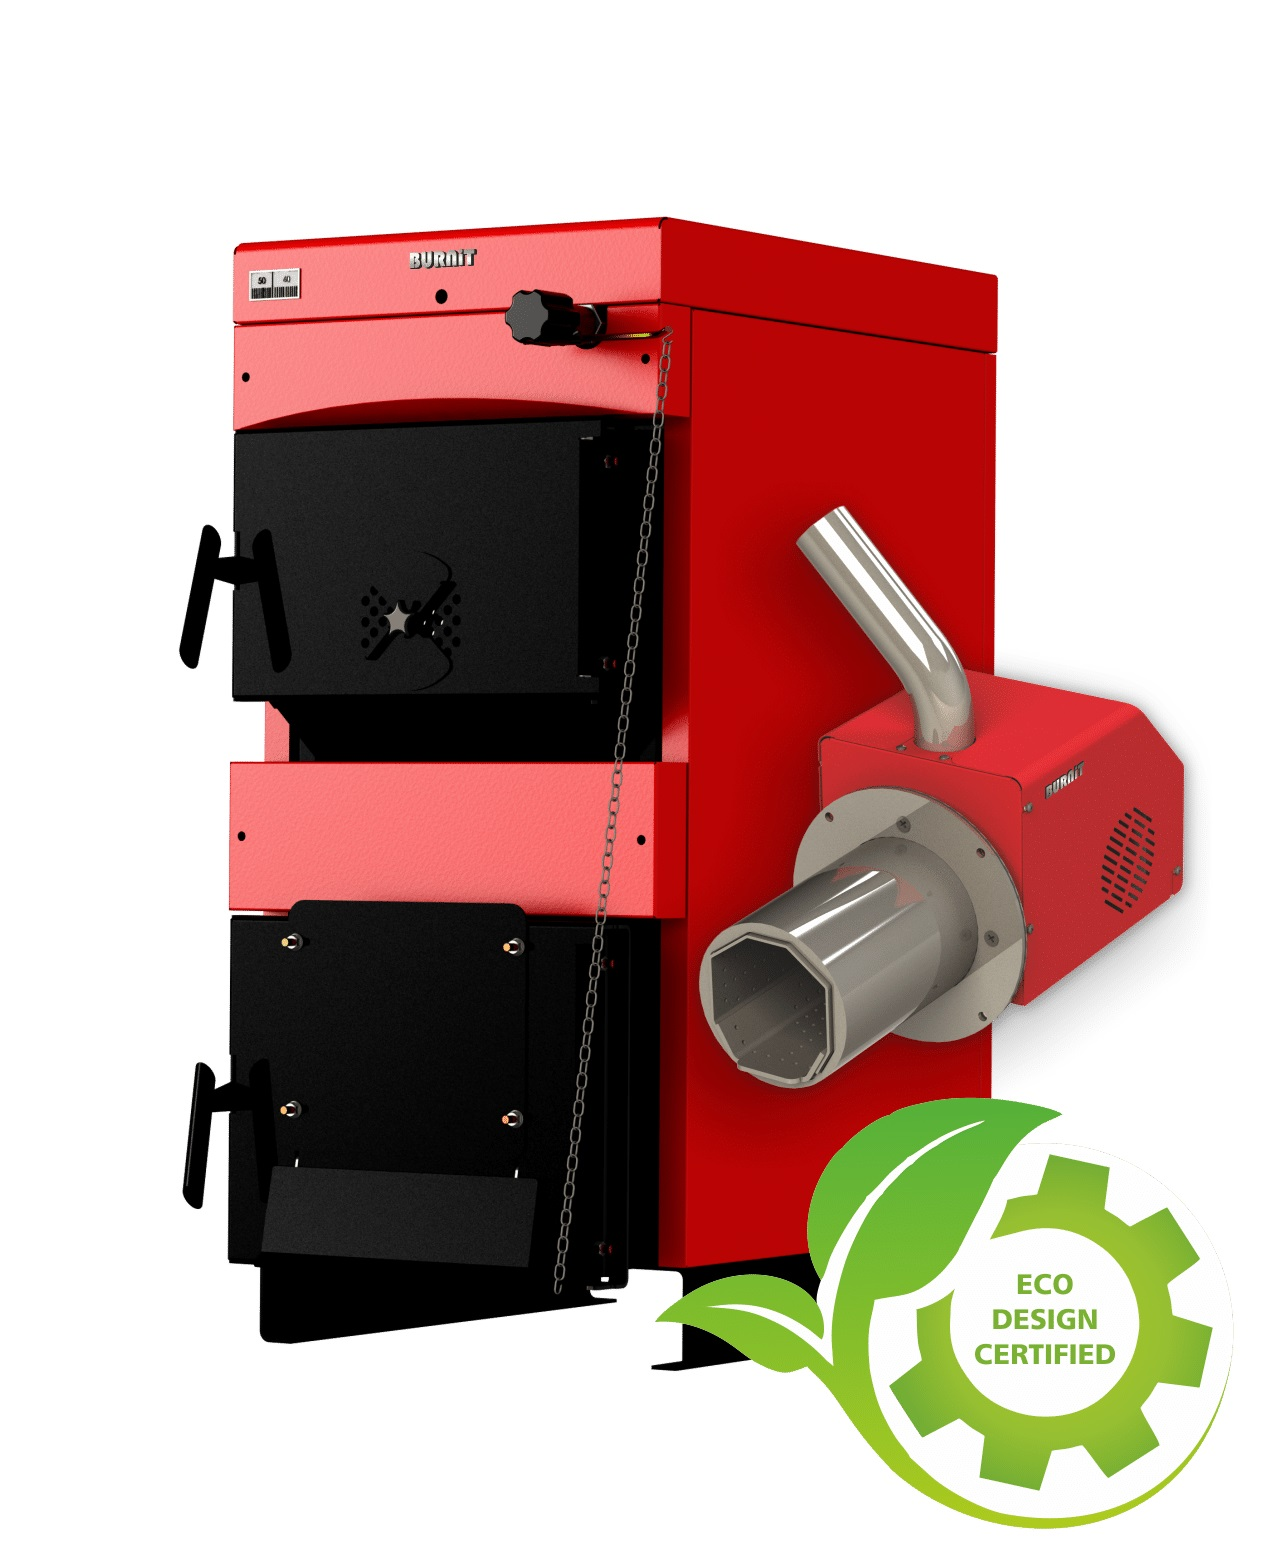 Centrala mixta lemn si peleti Burnit WBS 30 kW si Arzator pe peleti Pell Eco 35 kW imagine fornello.ro